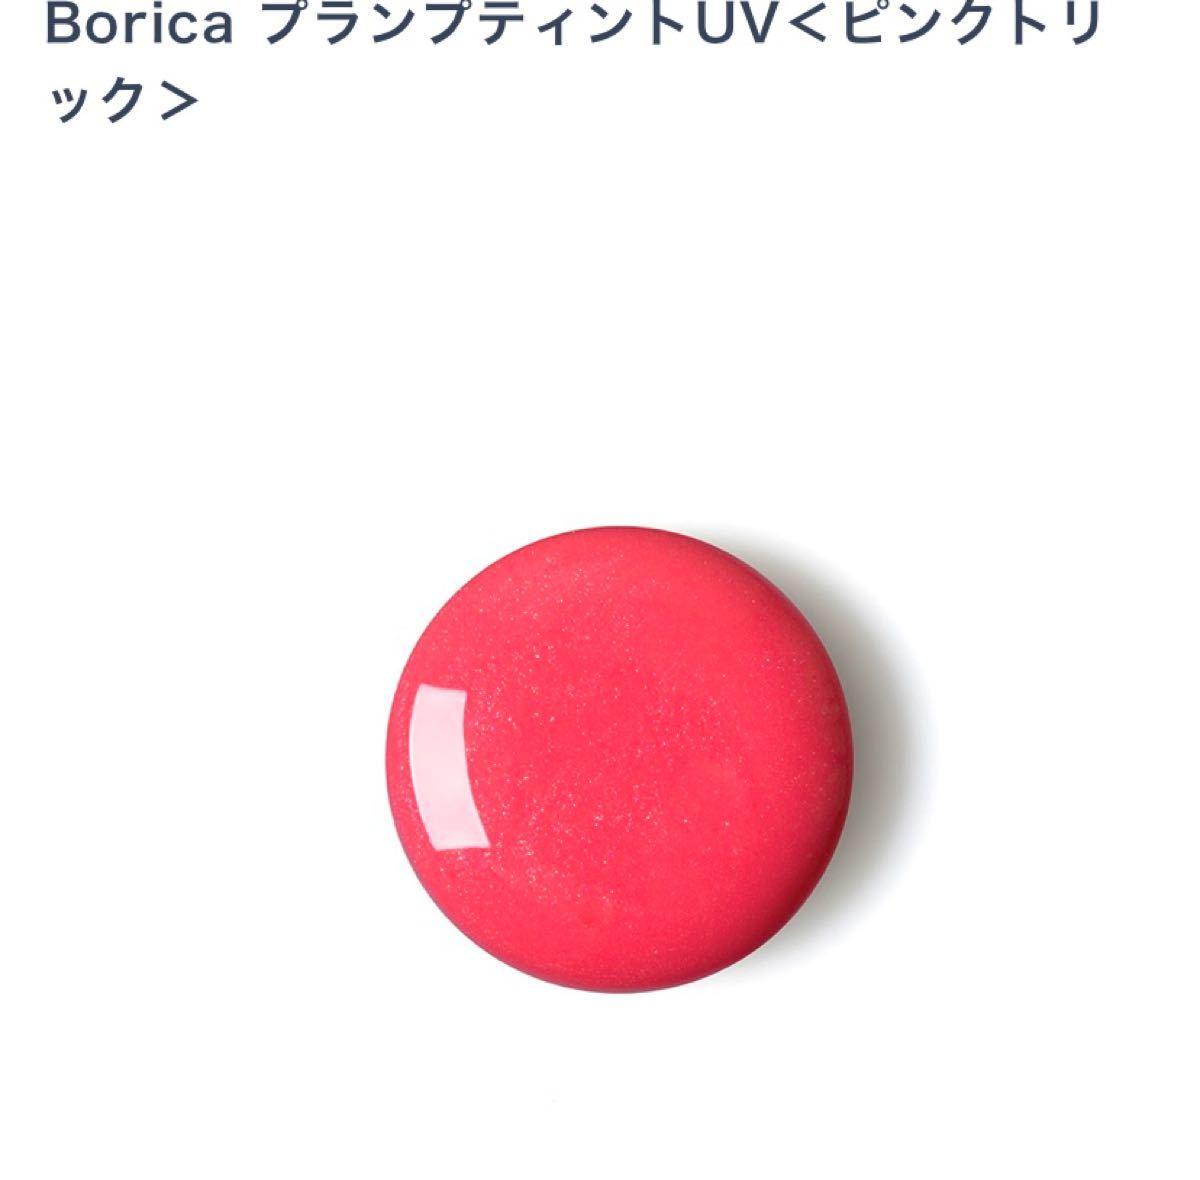 Borica ボリカ プランプティントUV リップ 02 ピンクトリック 新品